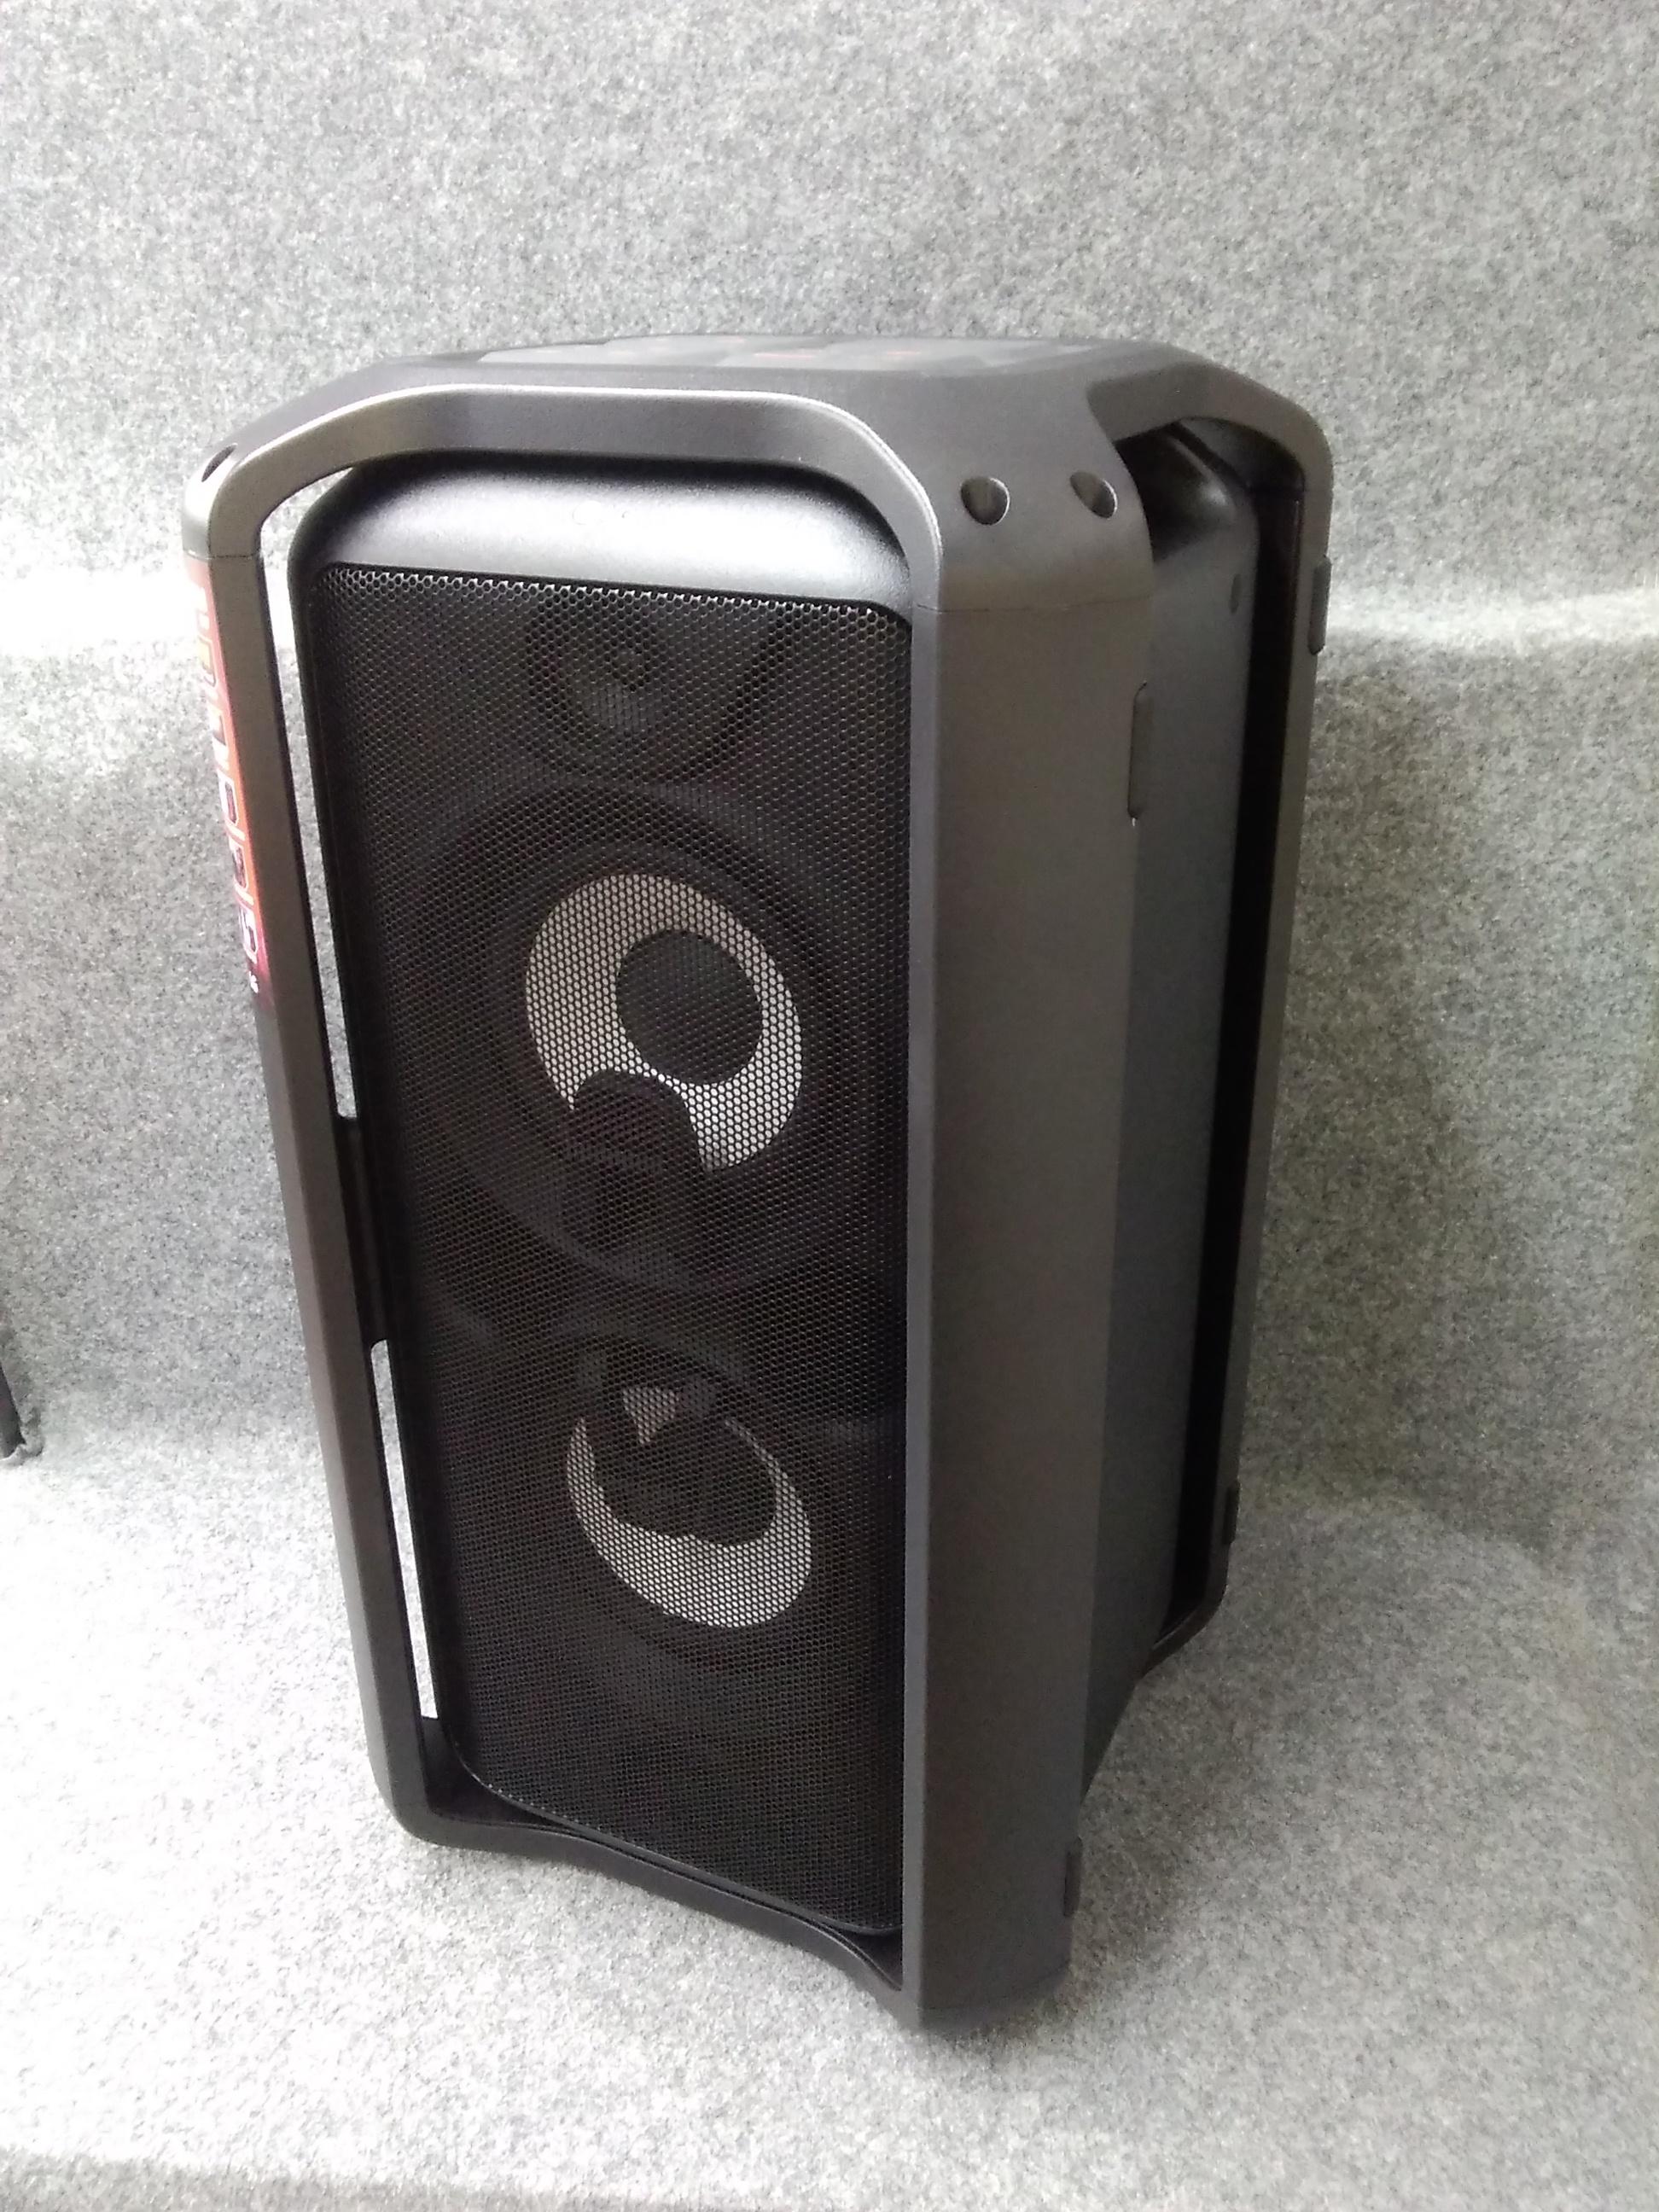 Bluetoothスピーカーシステム|LG電子ジャパン